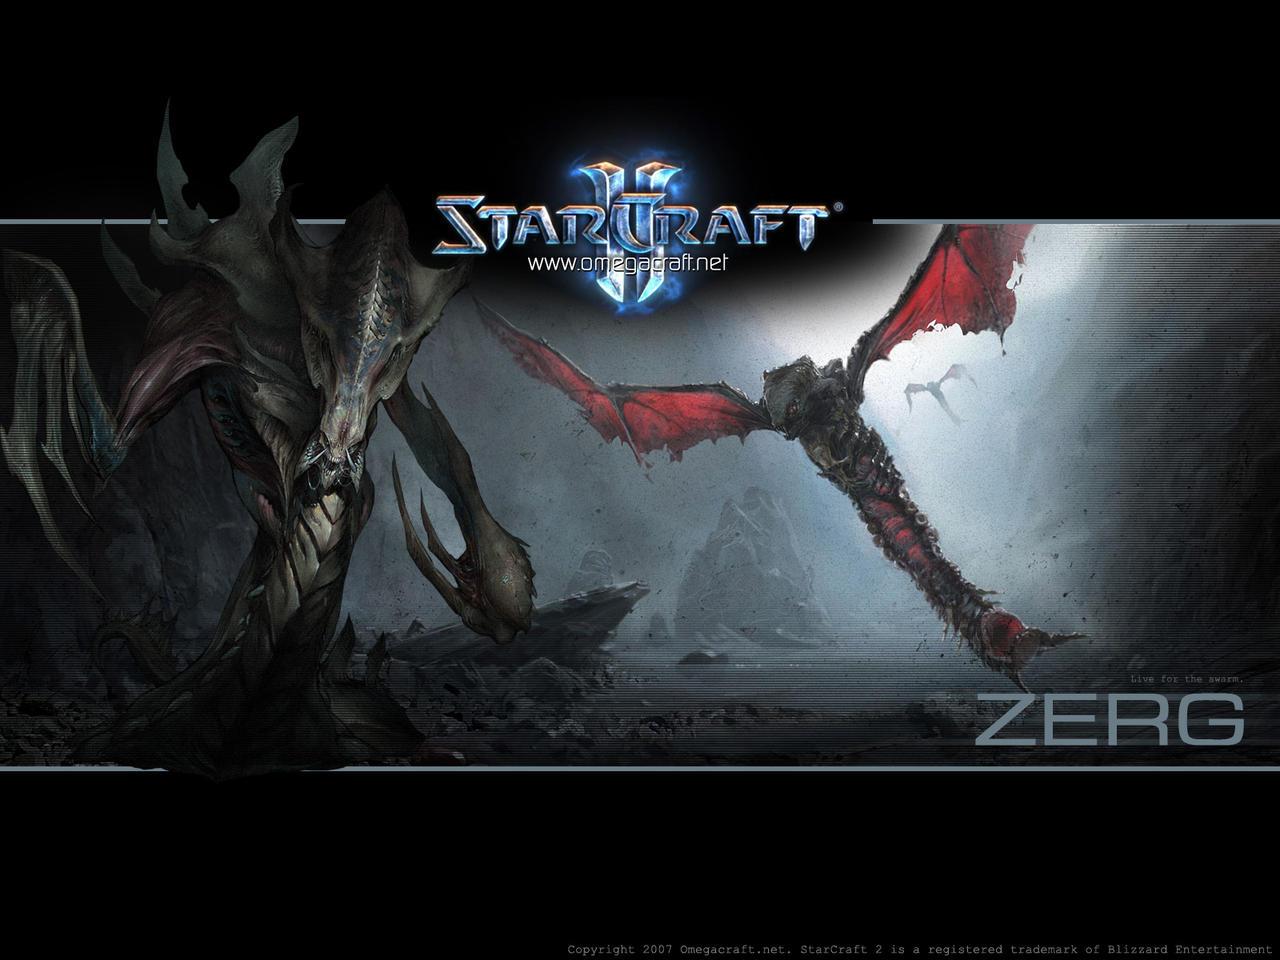 Starcraft 2 zerg wallpaper by maul on deviantart - Zerg wallpaper ...